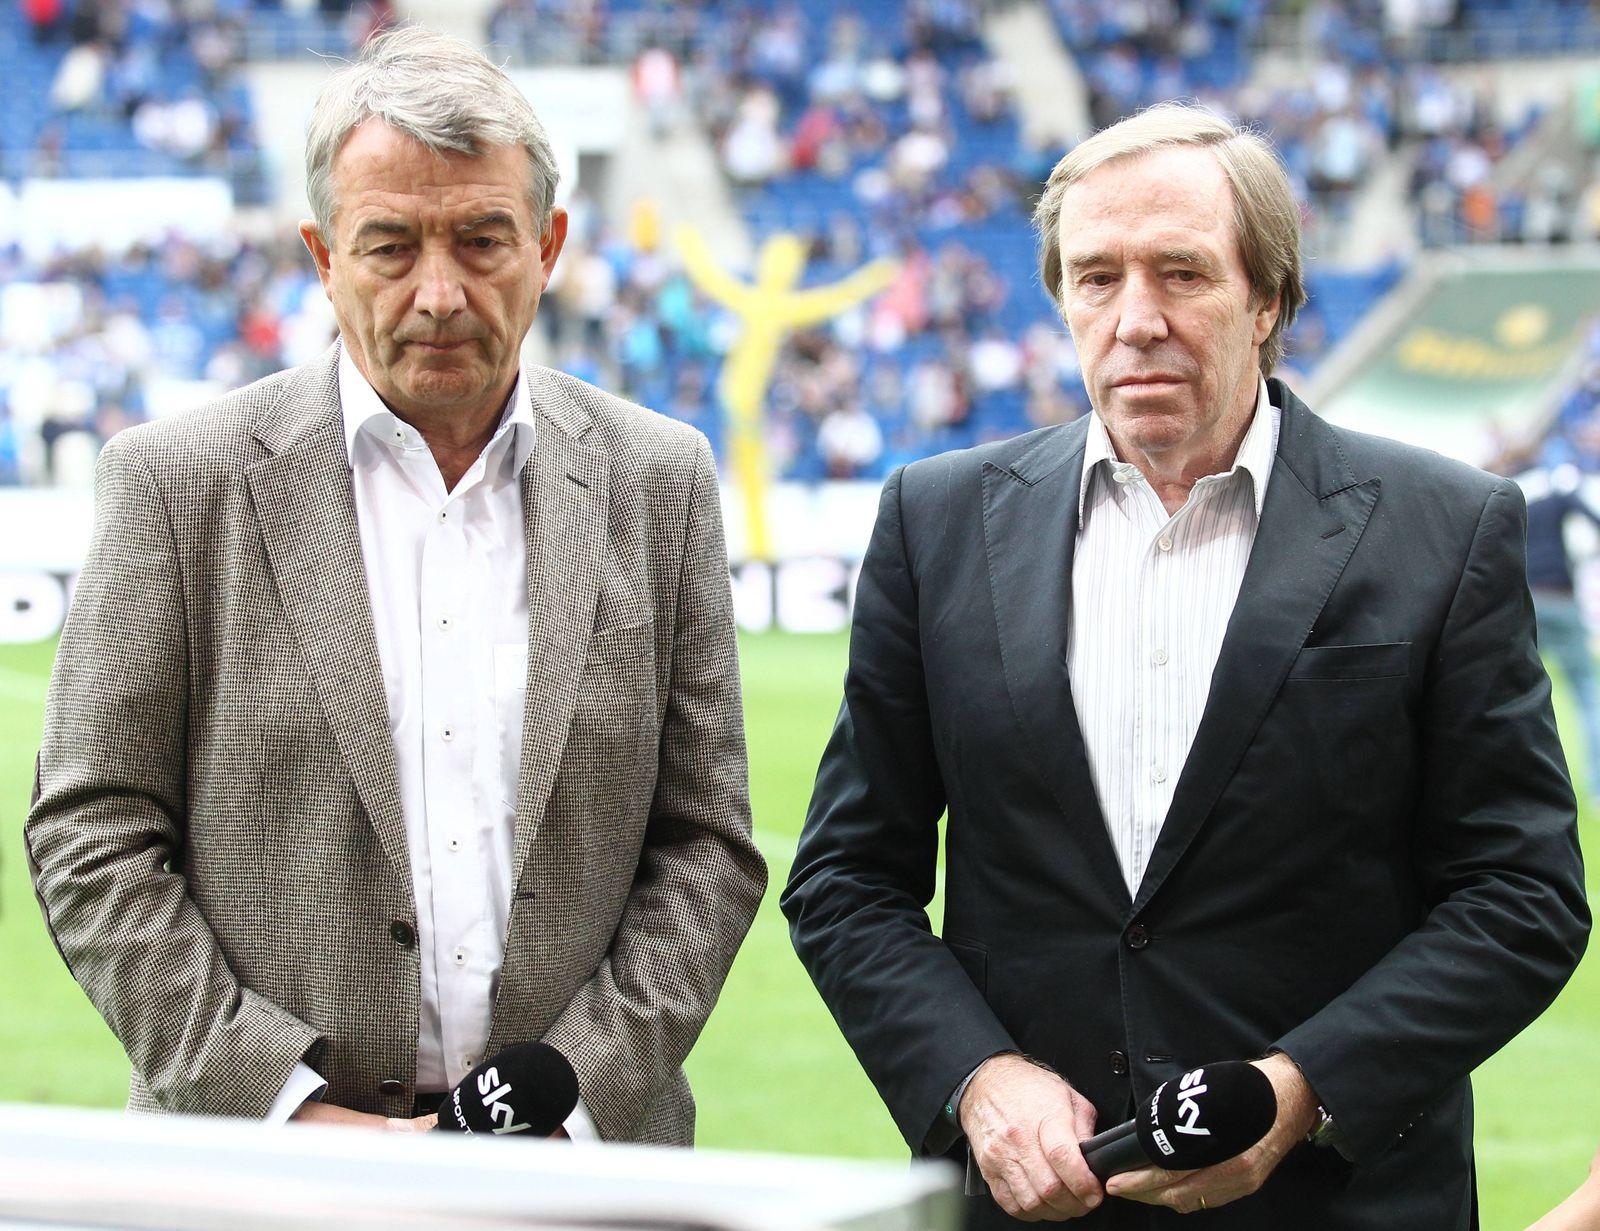 Hoffenheim DFB Praesident Wolfgang Niersbach und Fussball Legende Guenter Netzer zu Gast in Hoffenhe